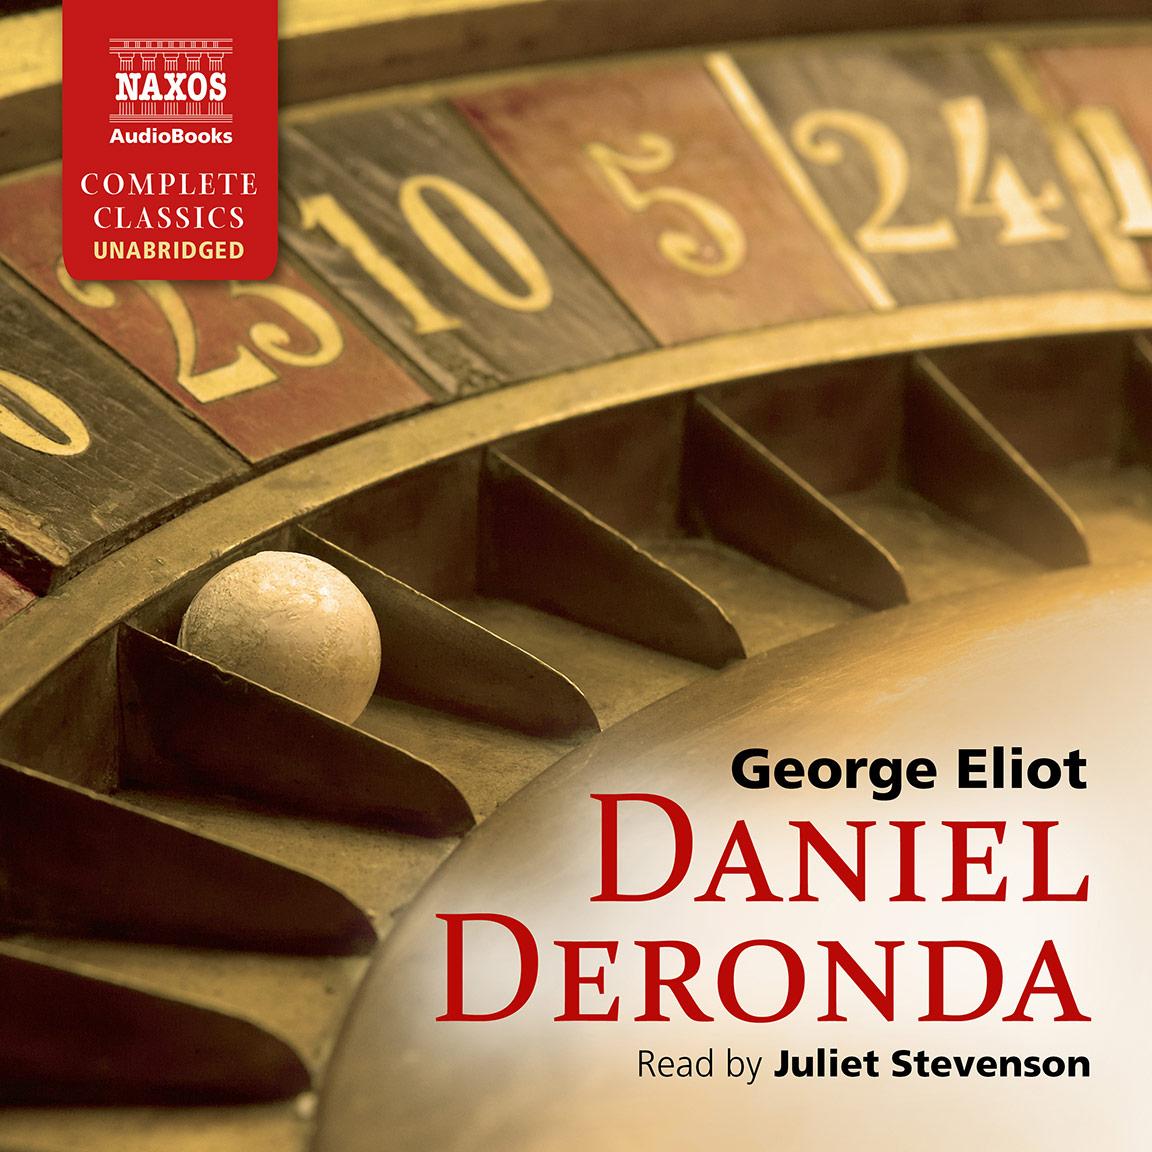 Daniel Deronda (unabridged)